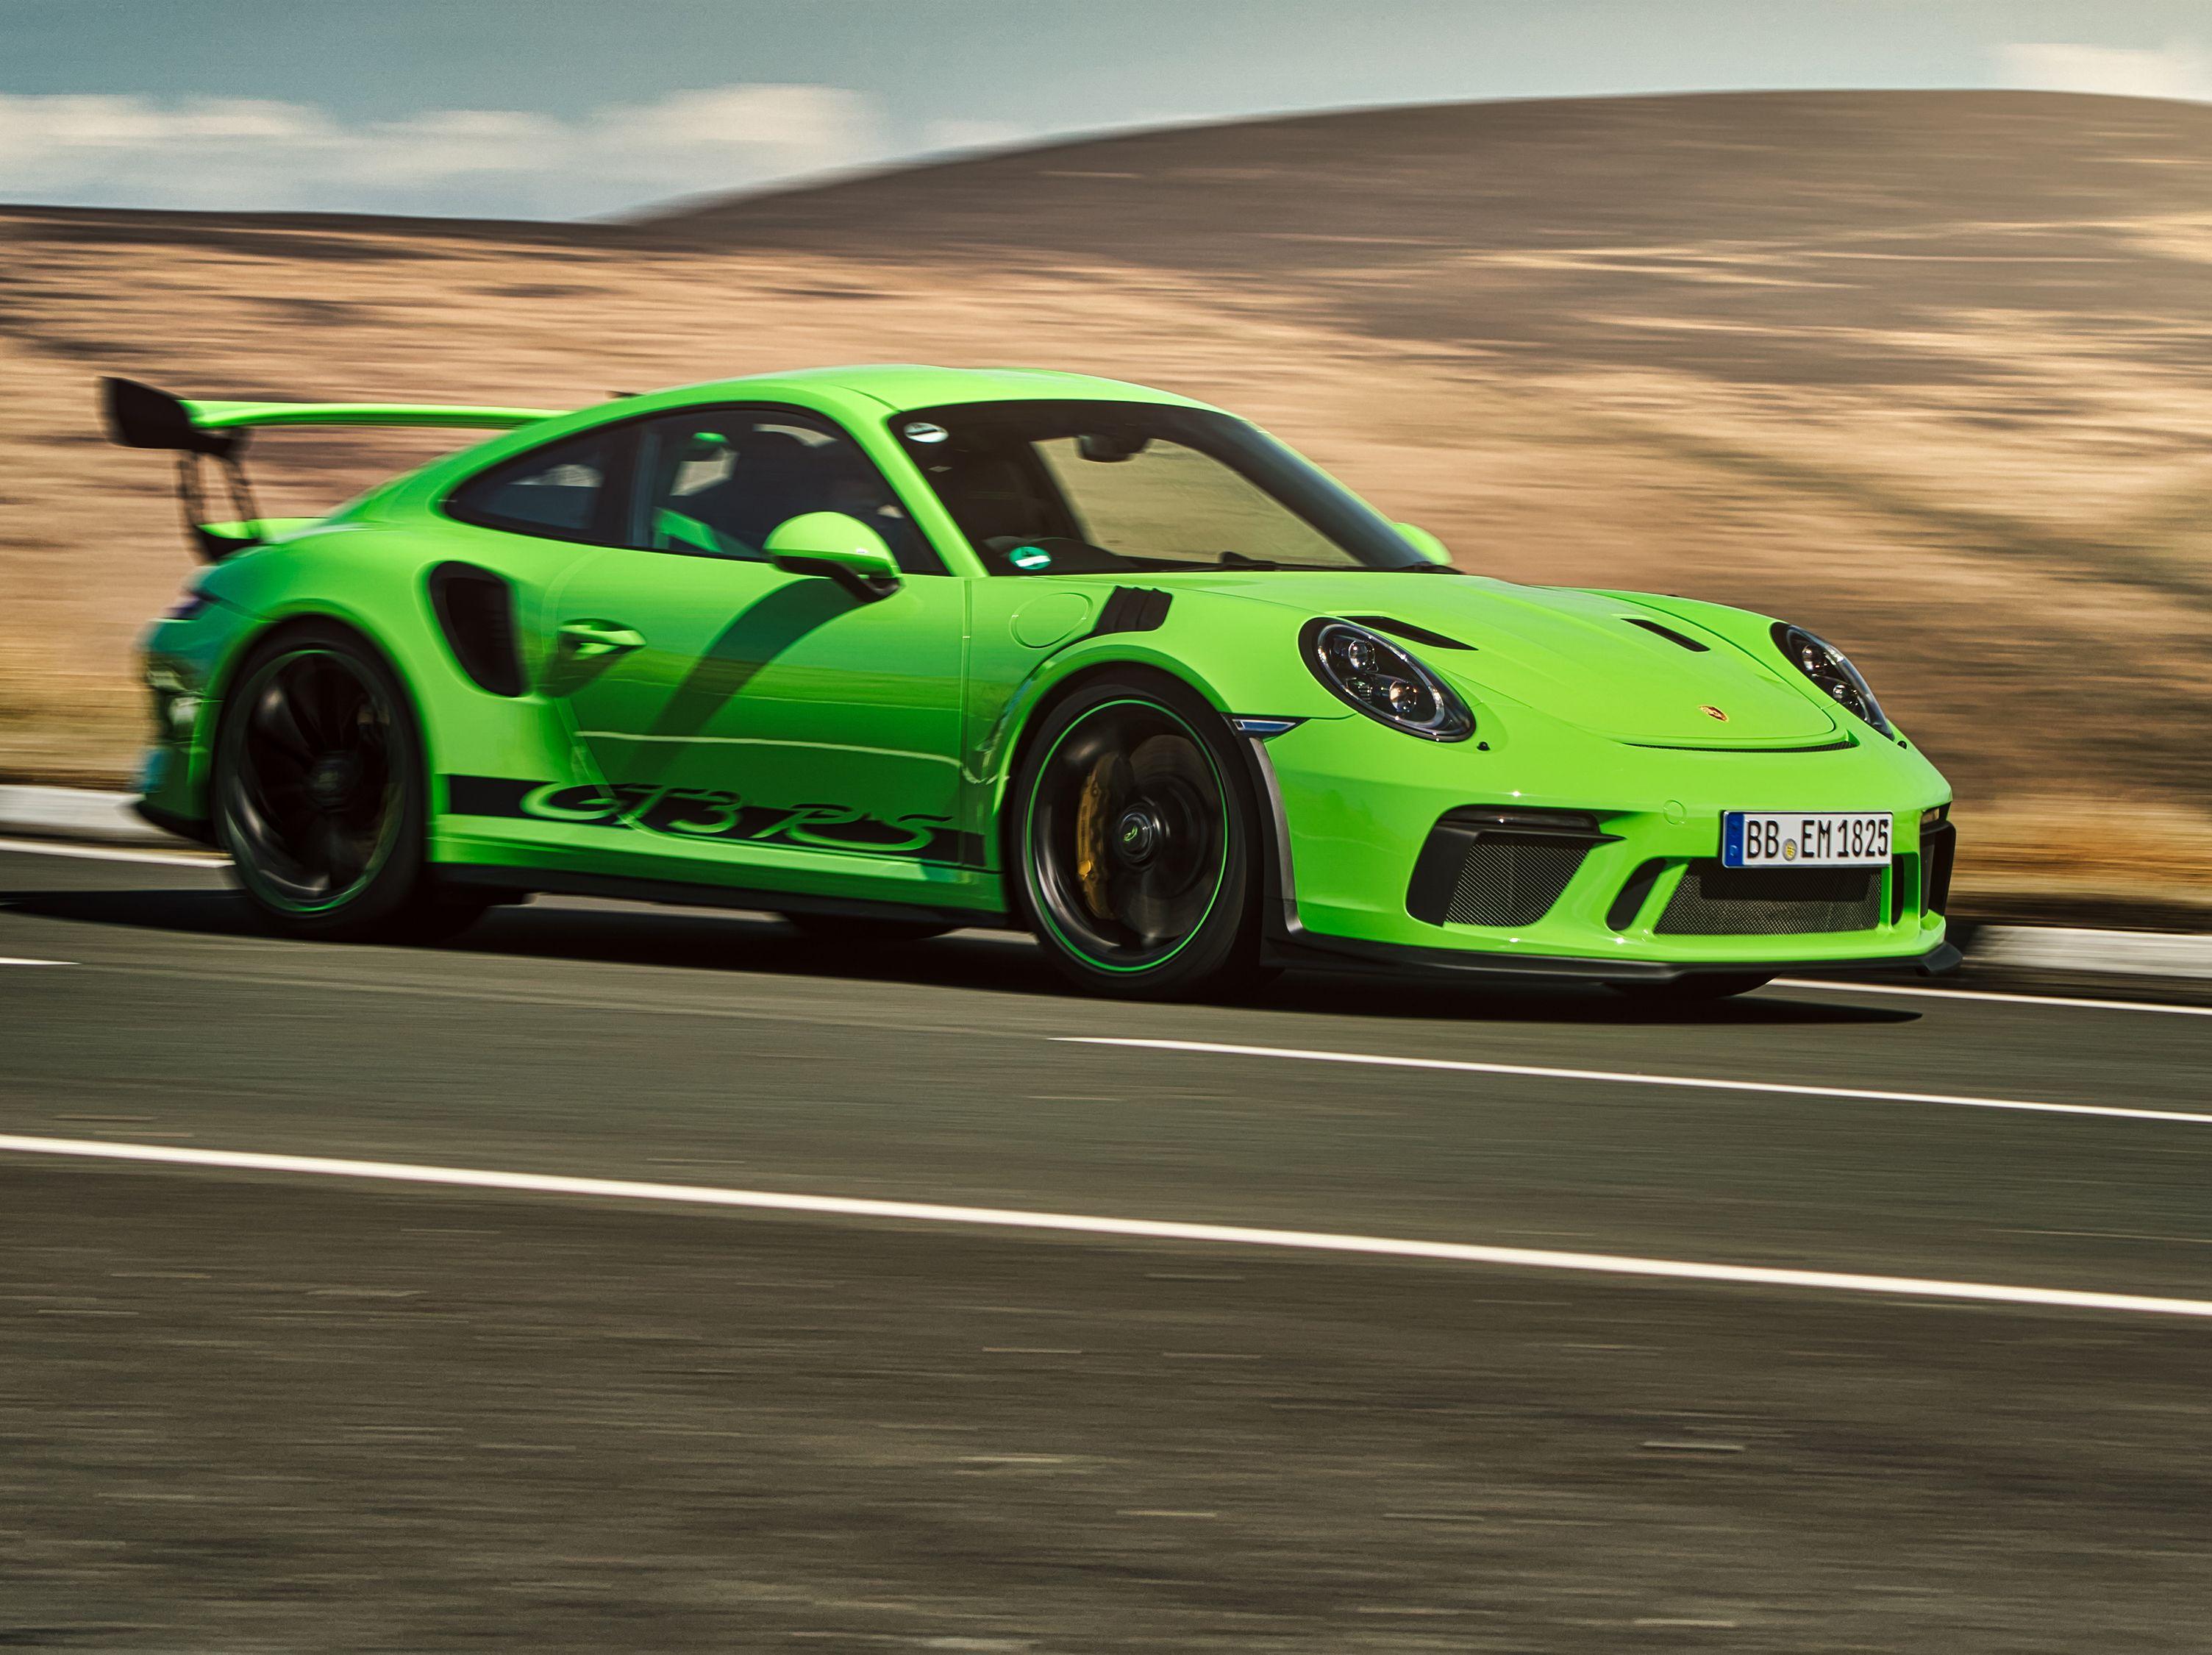 https://www roadandtrack com/new-cars/first-drives/a20075030/2019-porsche-911-gt3-rs-first-drive/